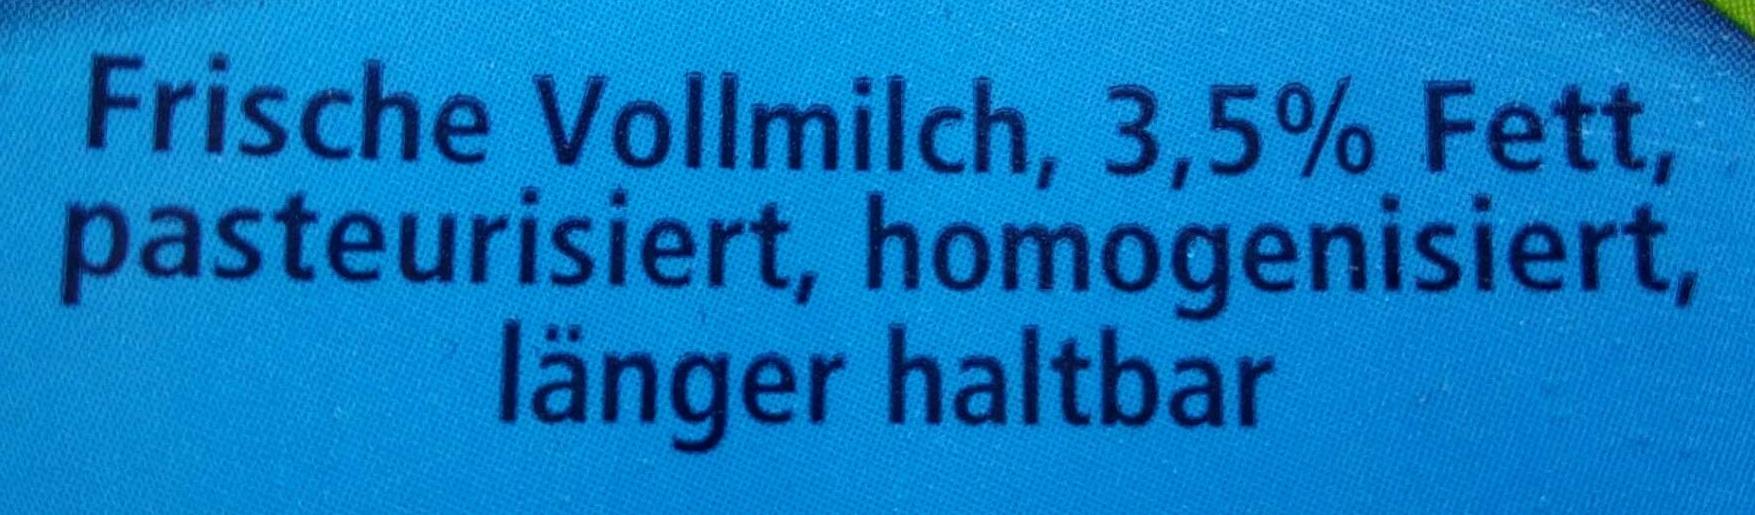 Frische Vollmilch 3,5% Fett - Ingrédients - de